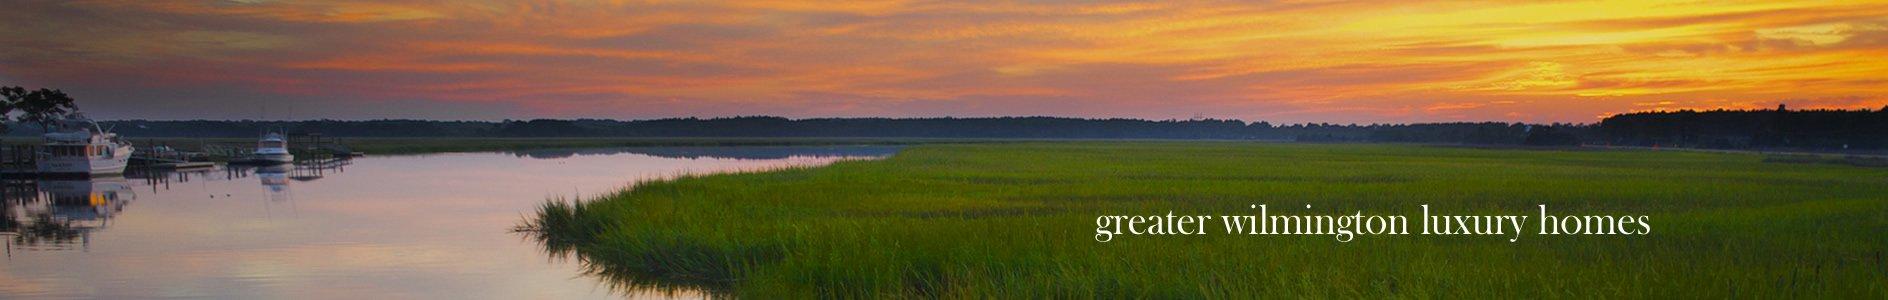 North Carolina marsh